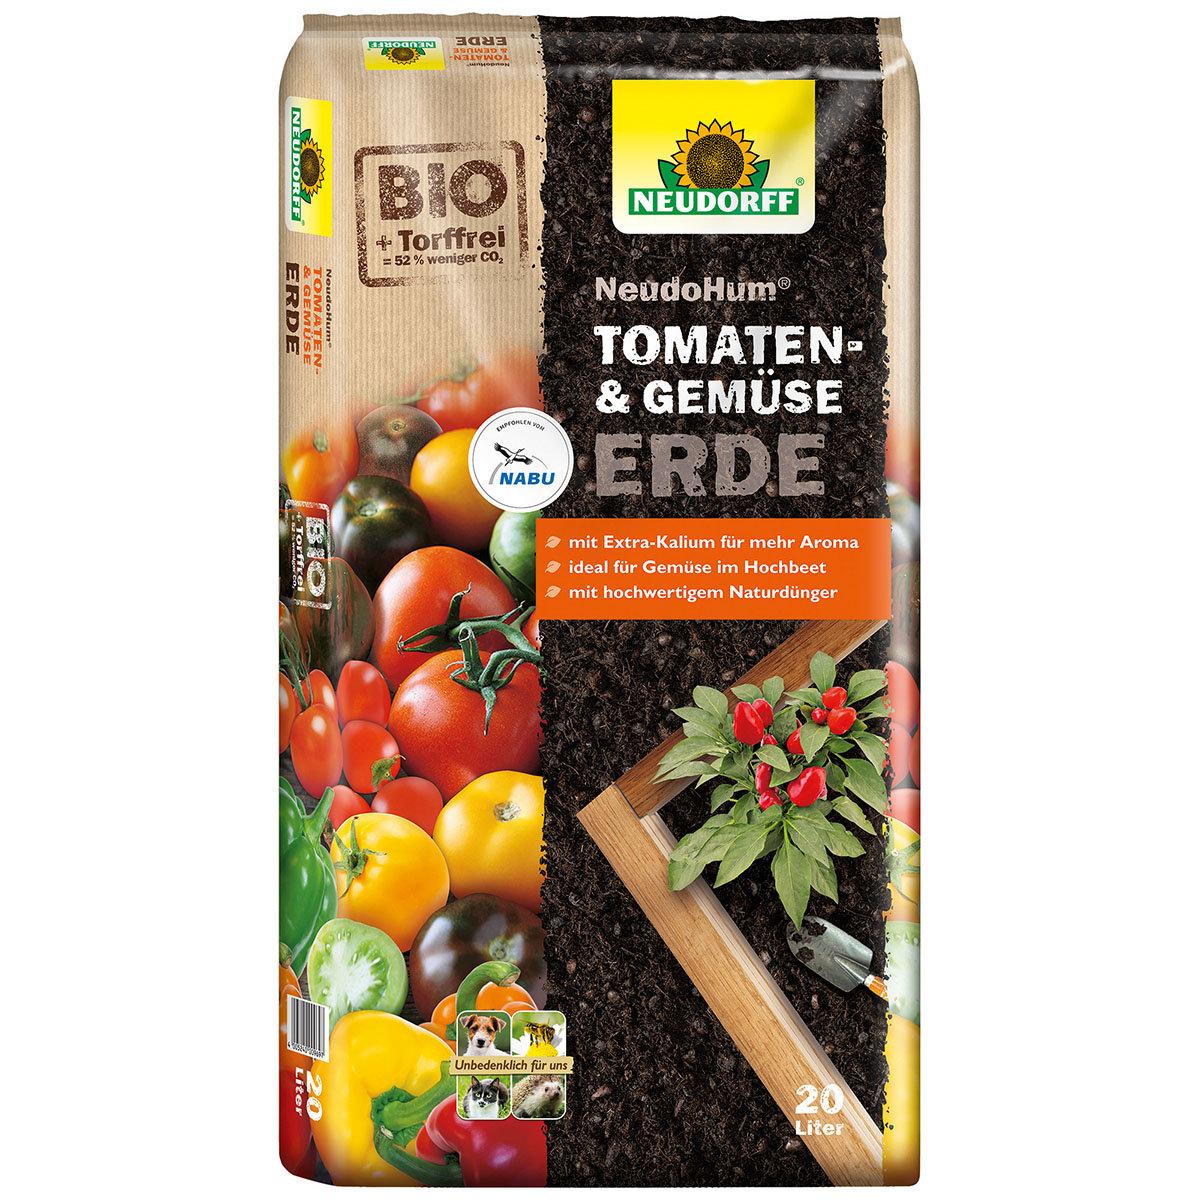 NeudoHum® Tomaten- und Gemüseerde, 20 Liter